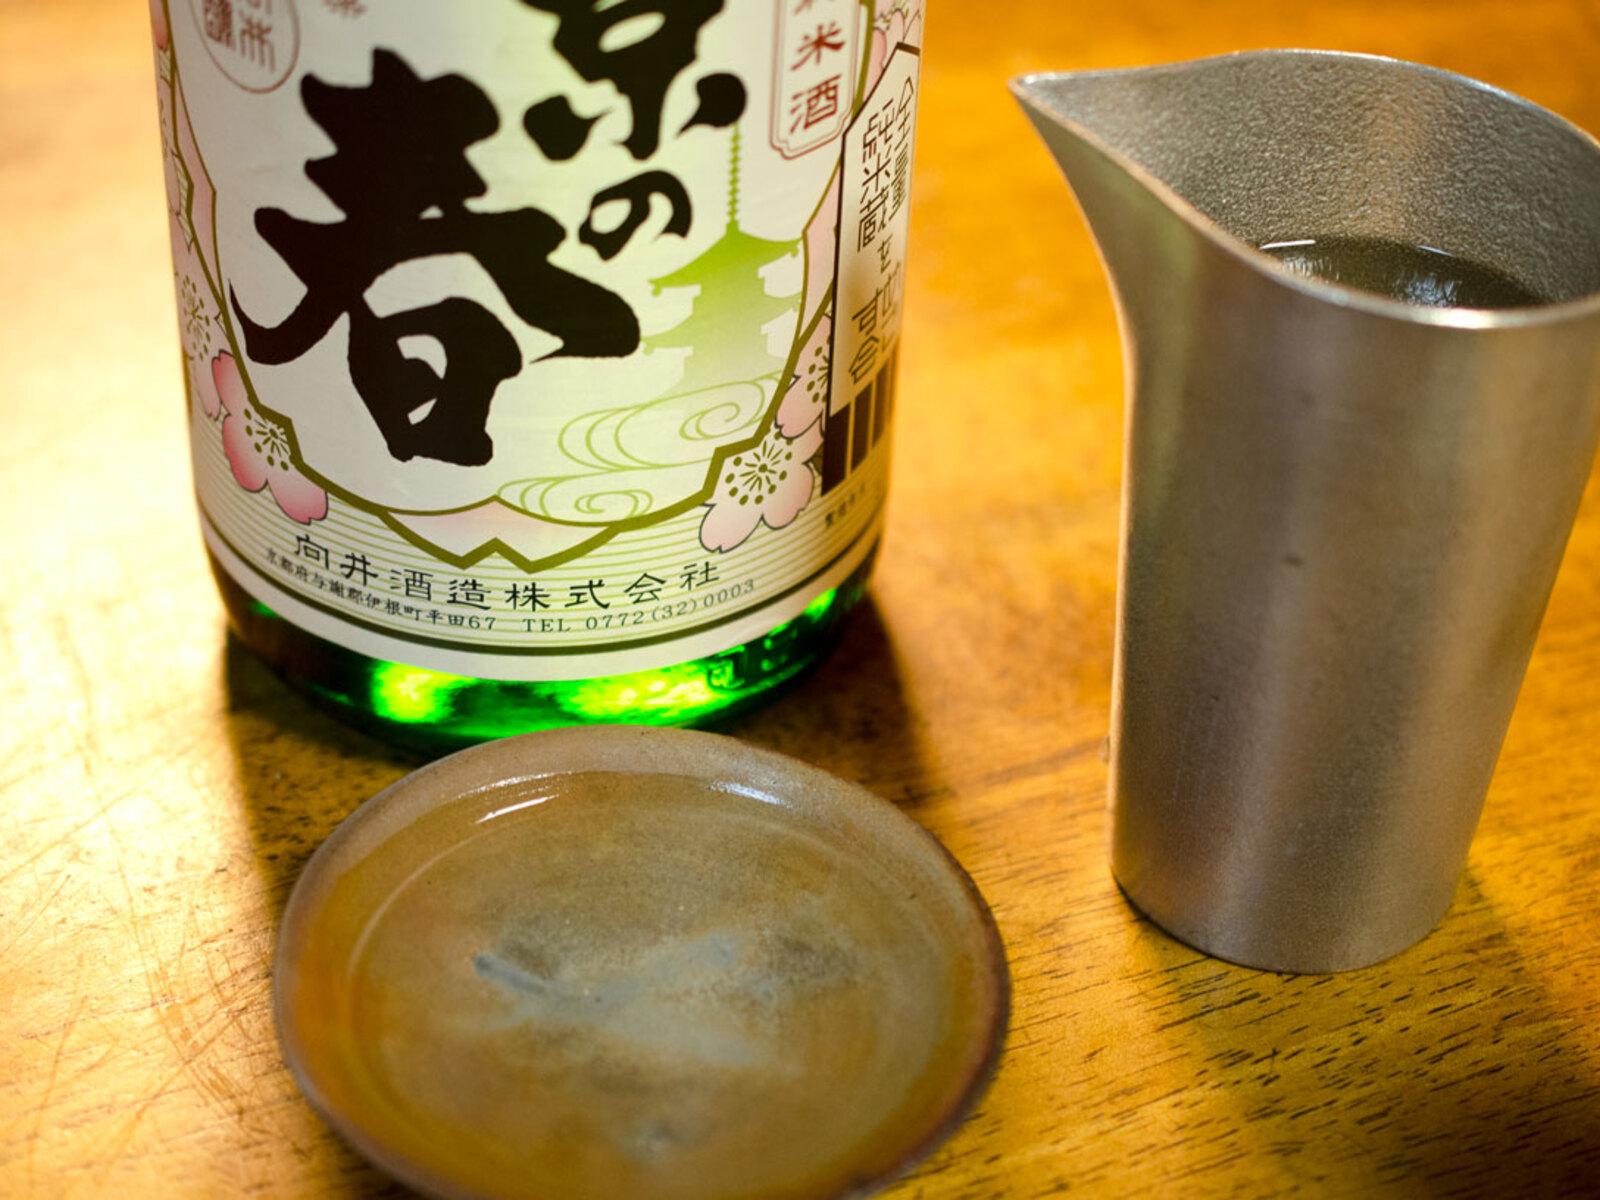 向井酒造 京の春 特別純米